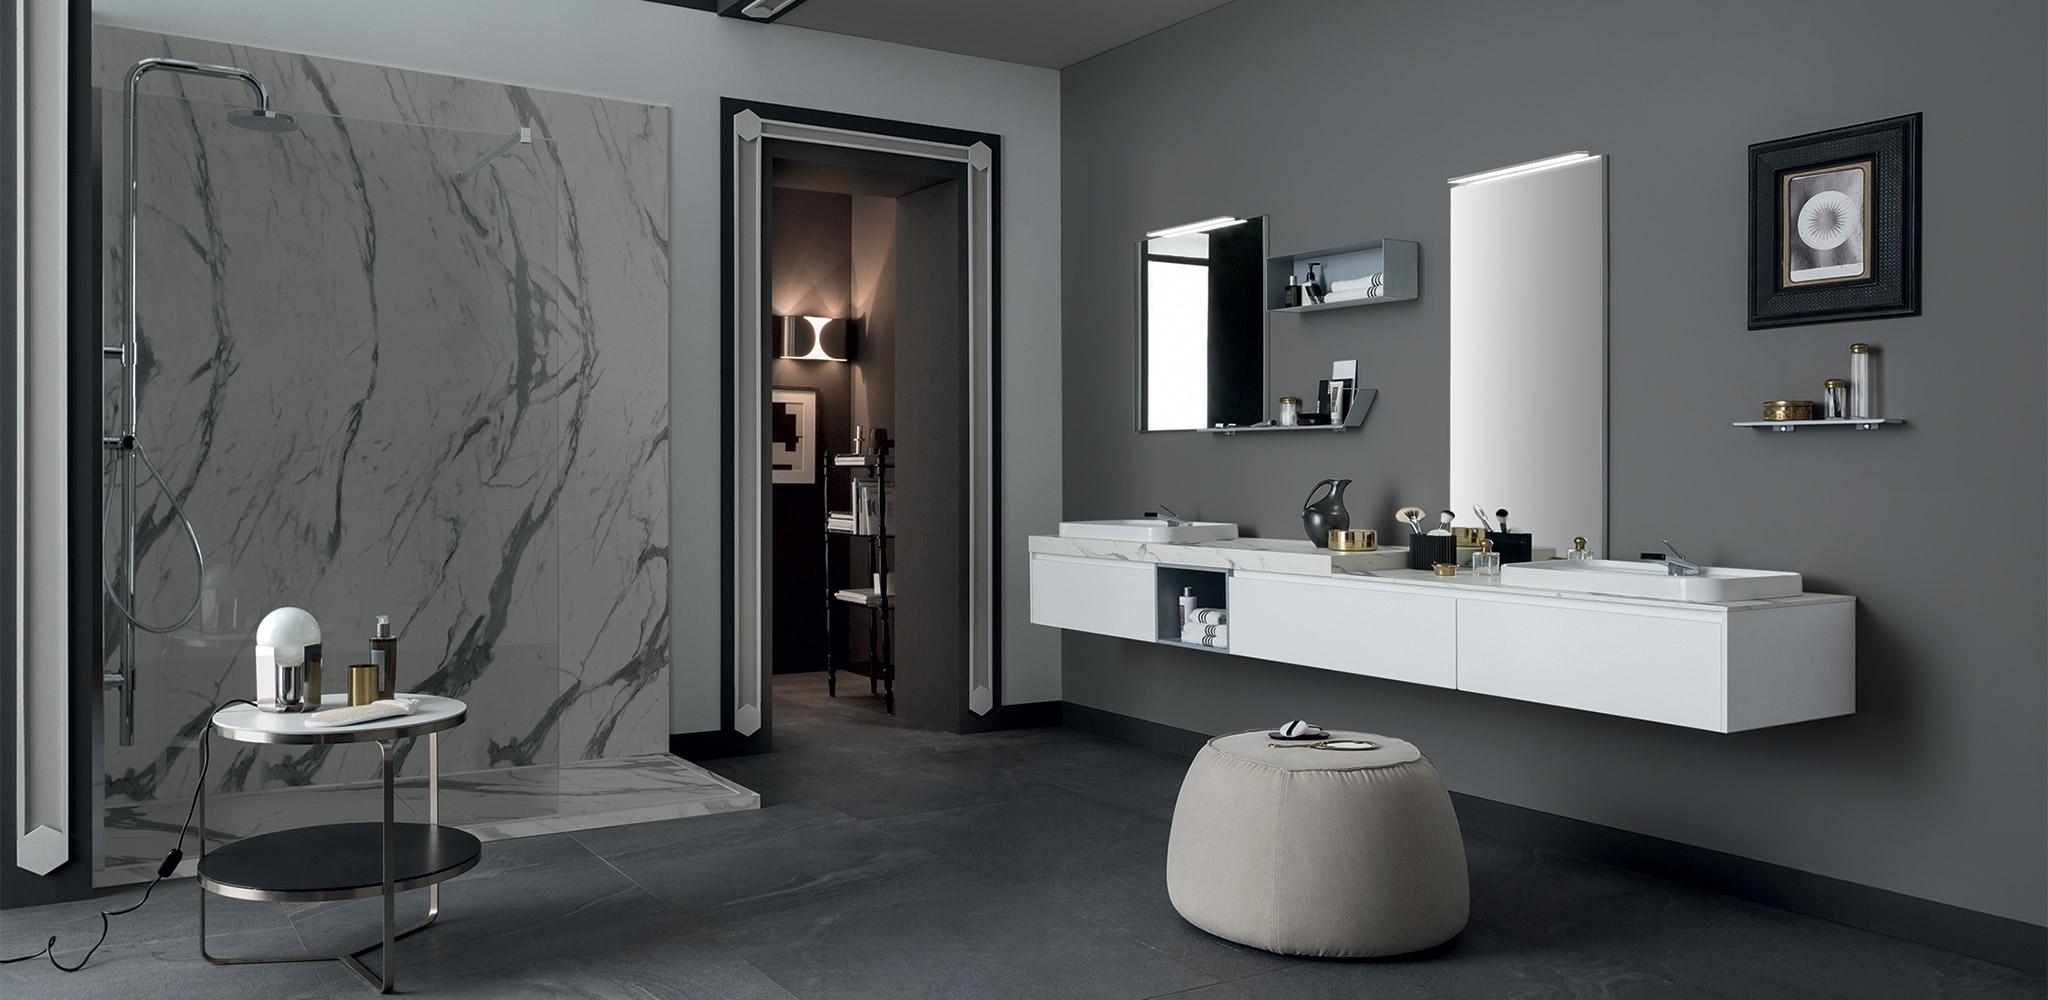 mobile bagno con doppio lavabo design rab arredobagno. Black Bedroom Furniture Sets. Home Design Ideas